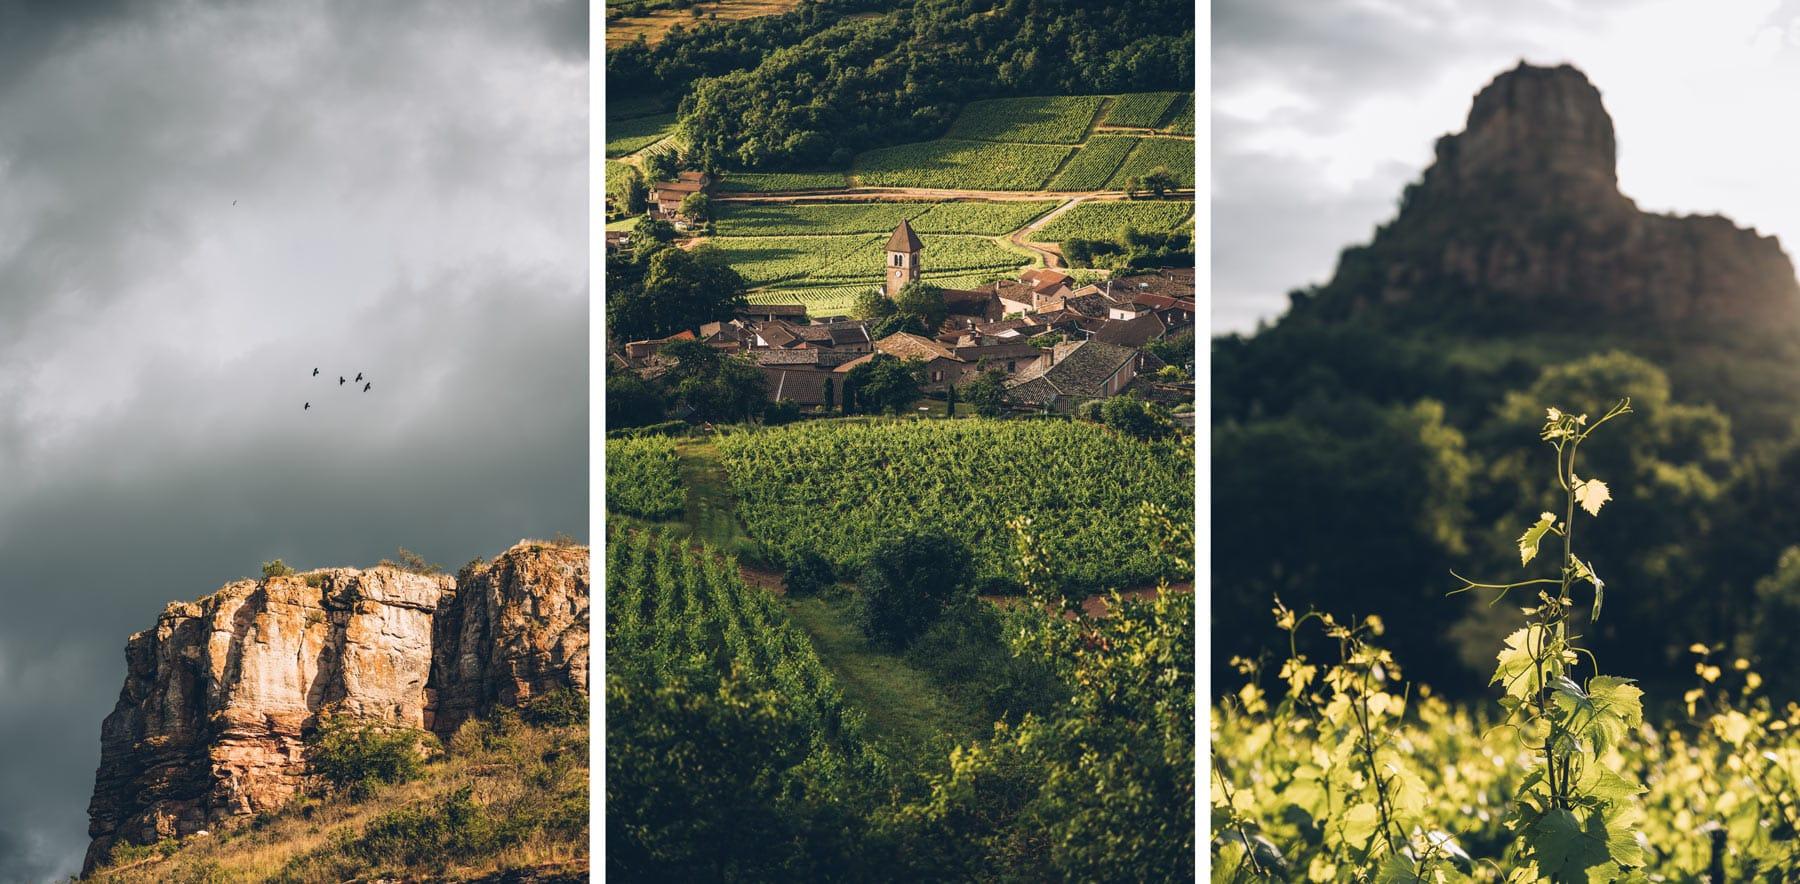 Roche de Solutré, Saône et Loire